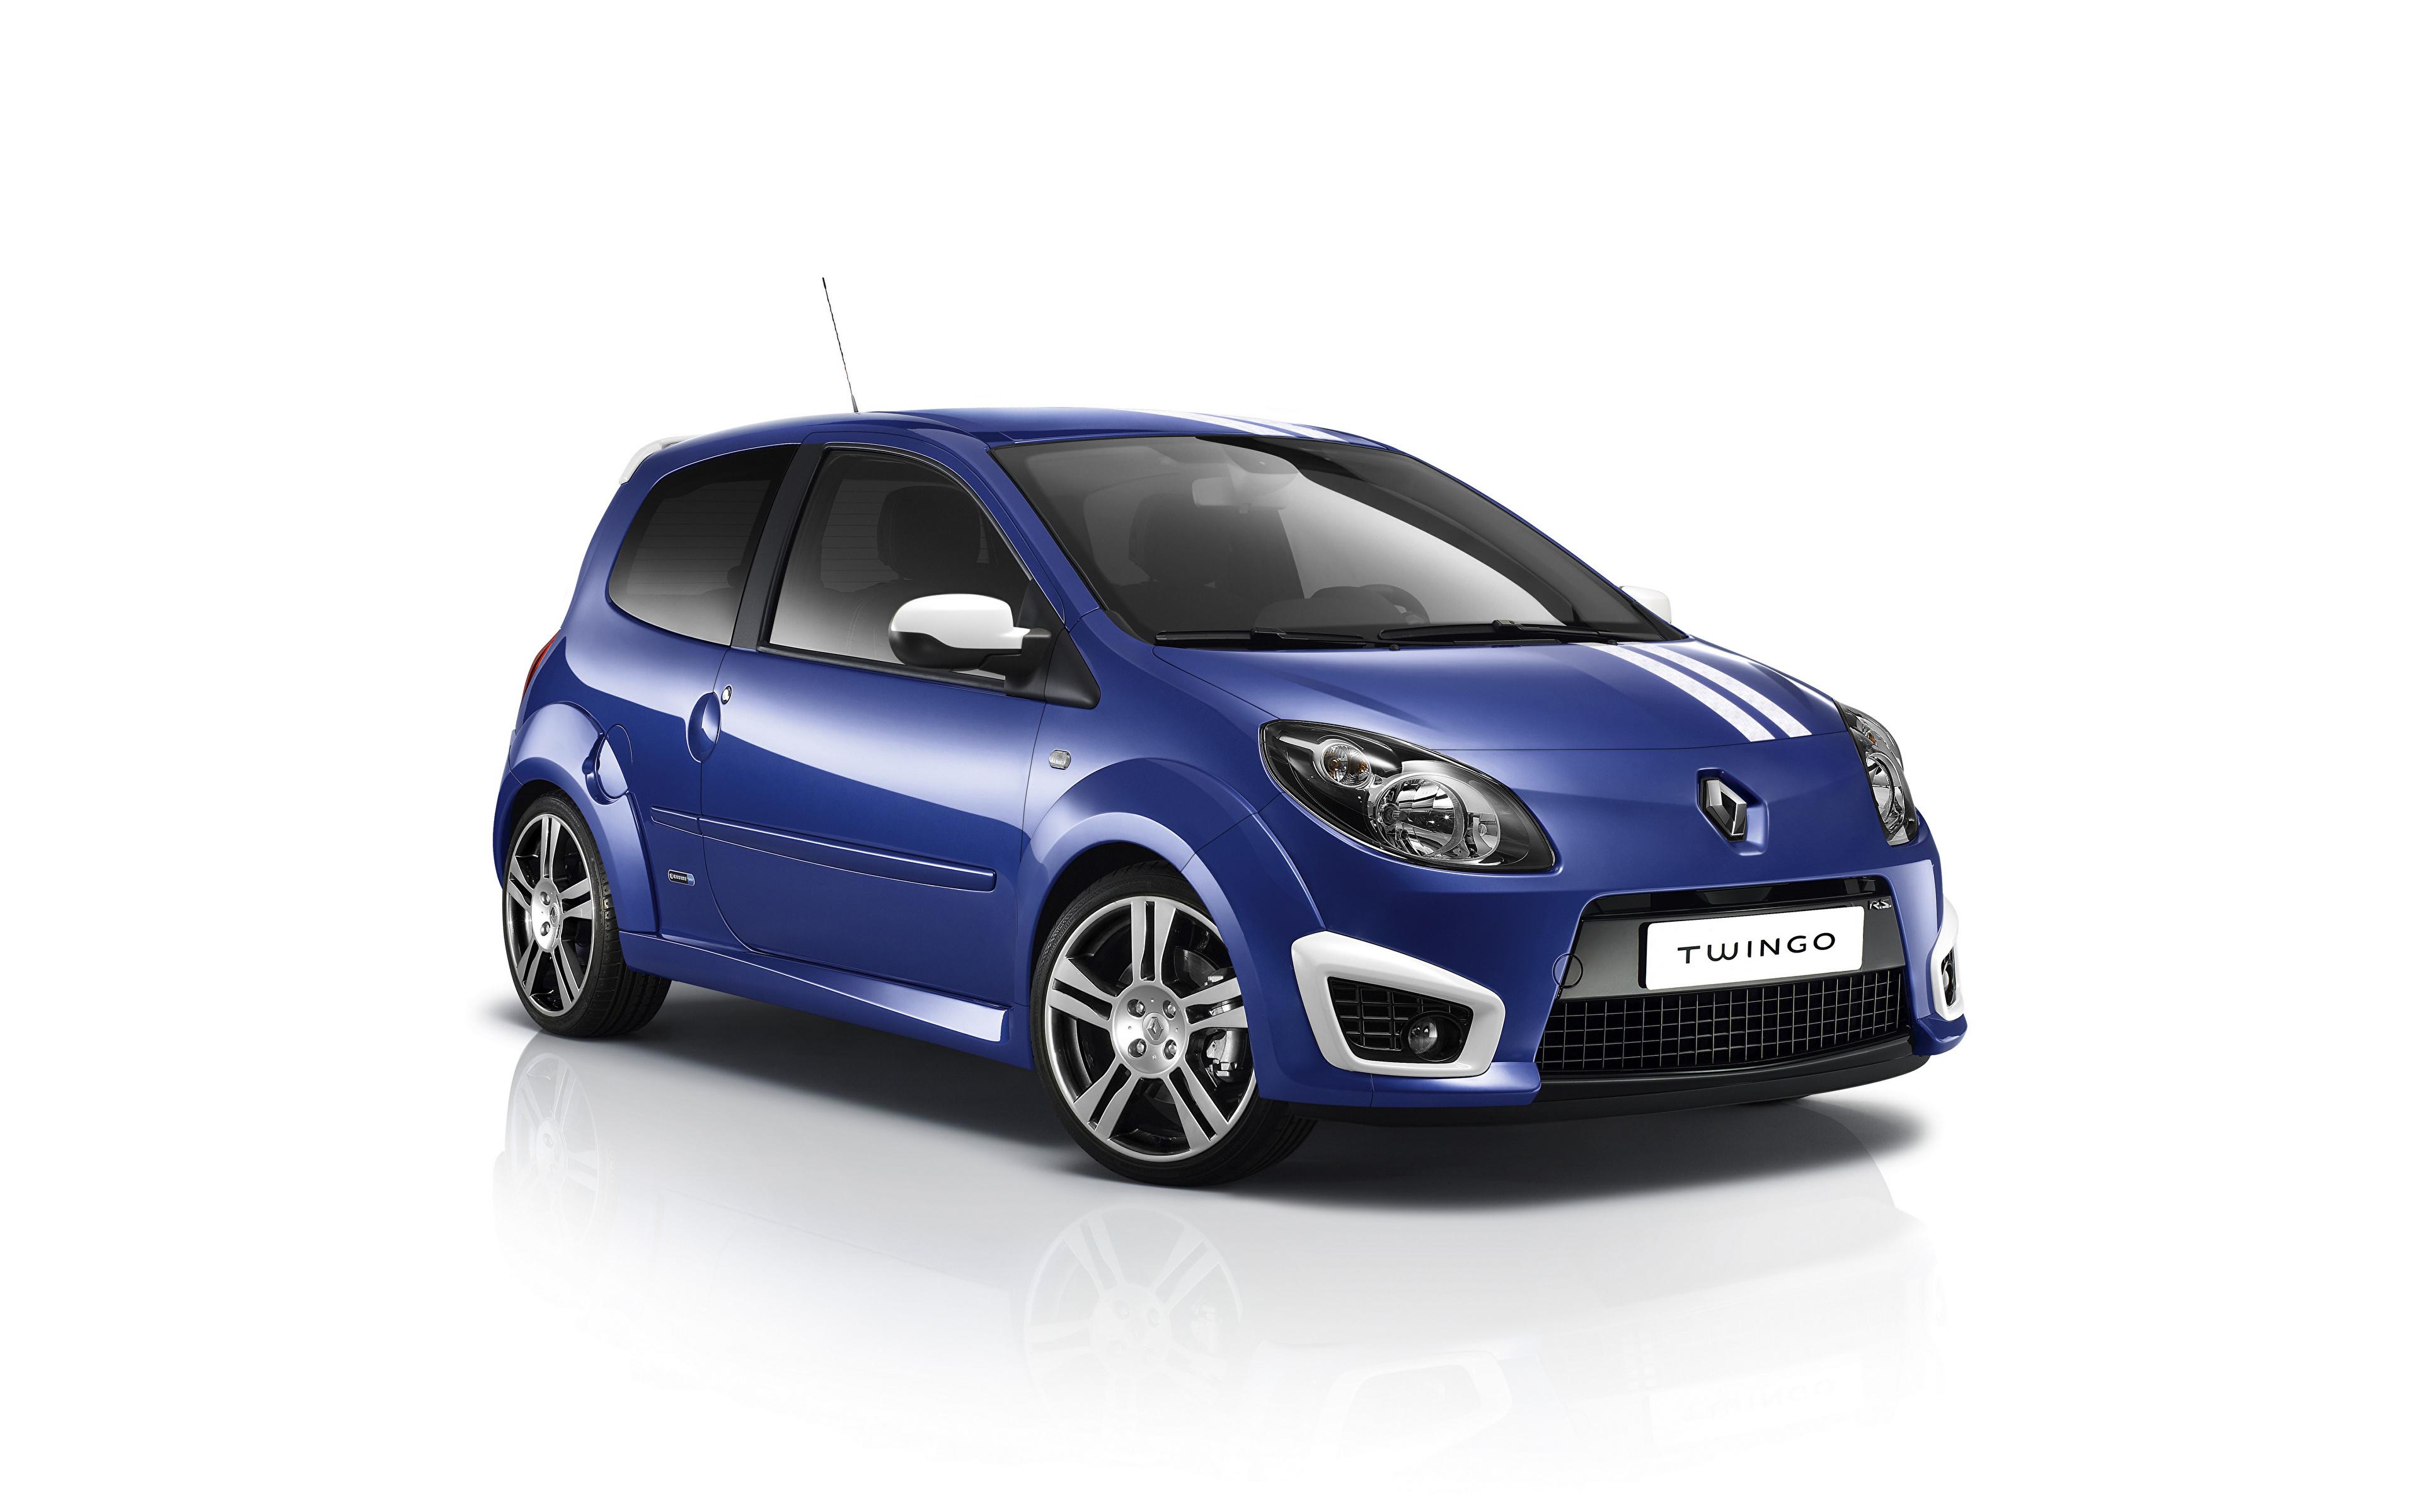 Fotos Renault Blau Autos Metallisch Weißer hintergrund 3840x2400 auto automobil